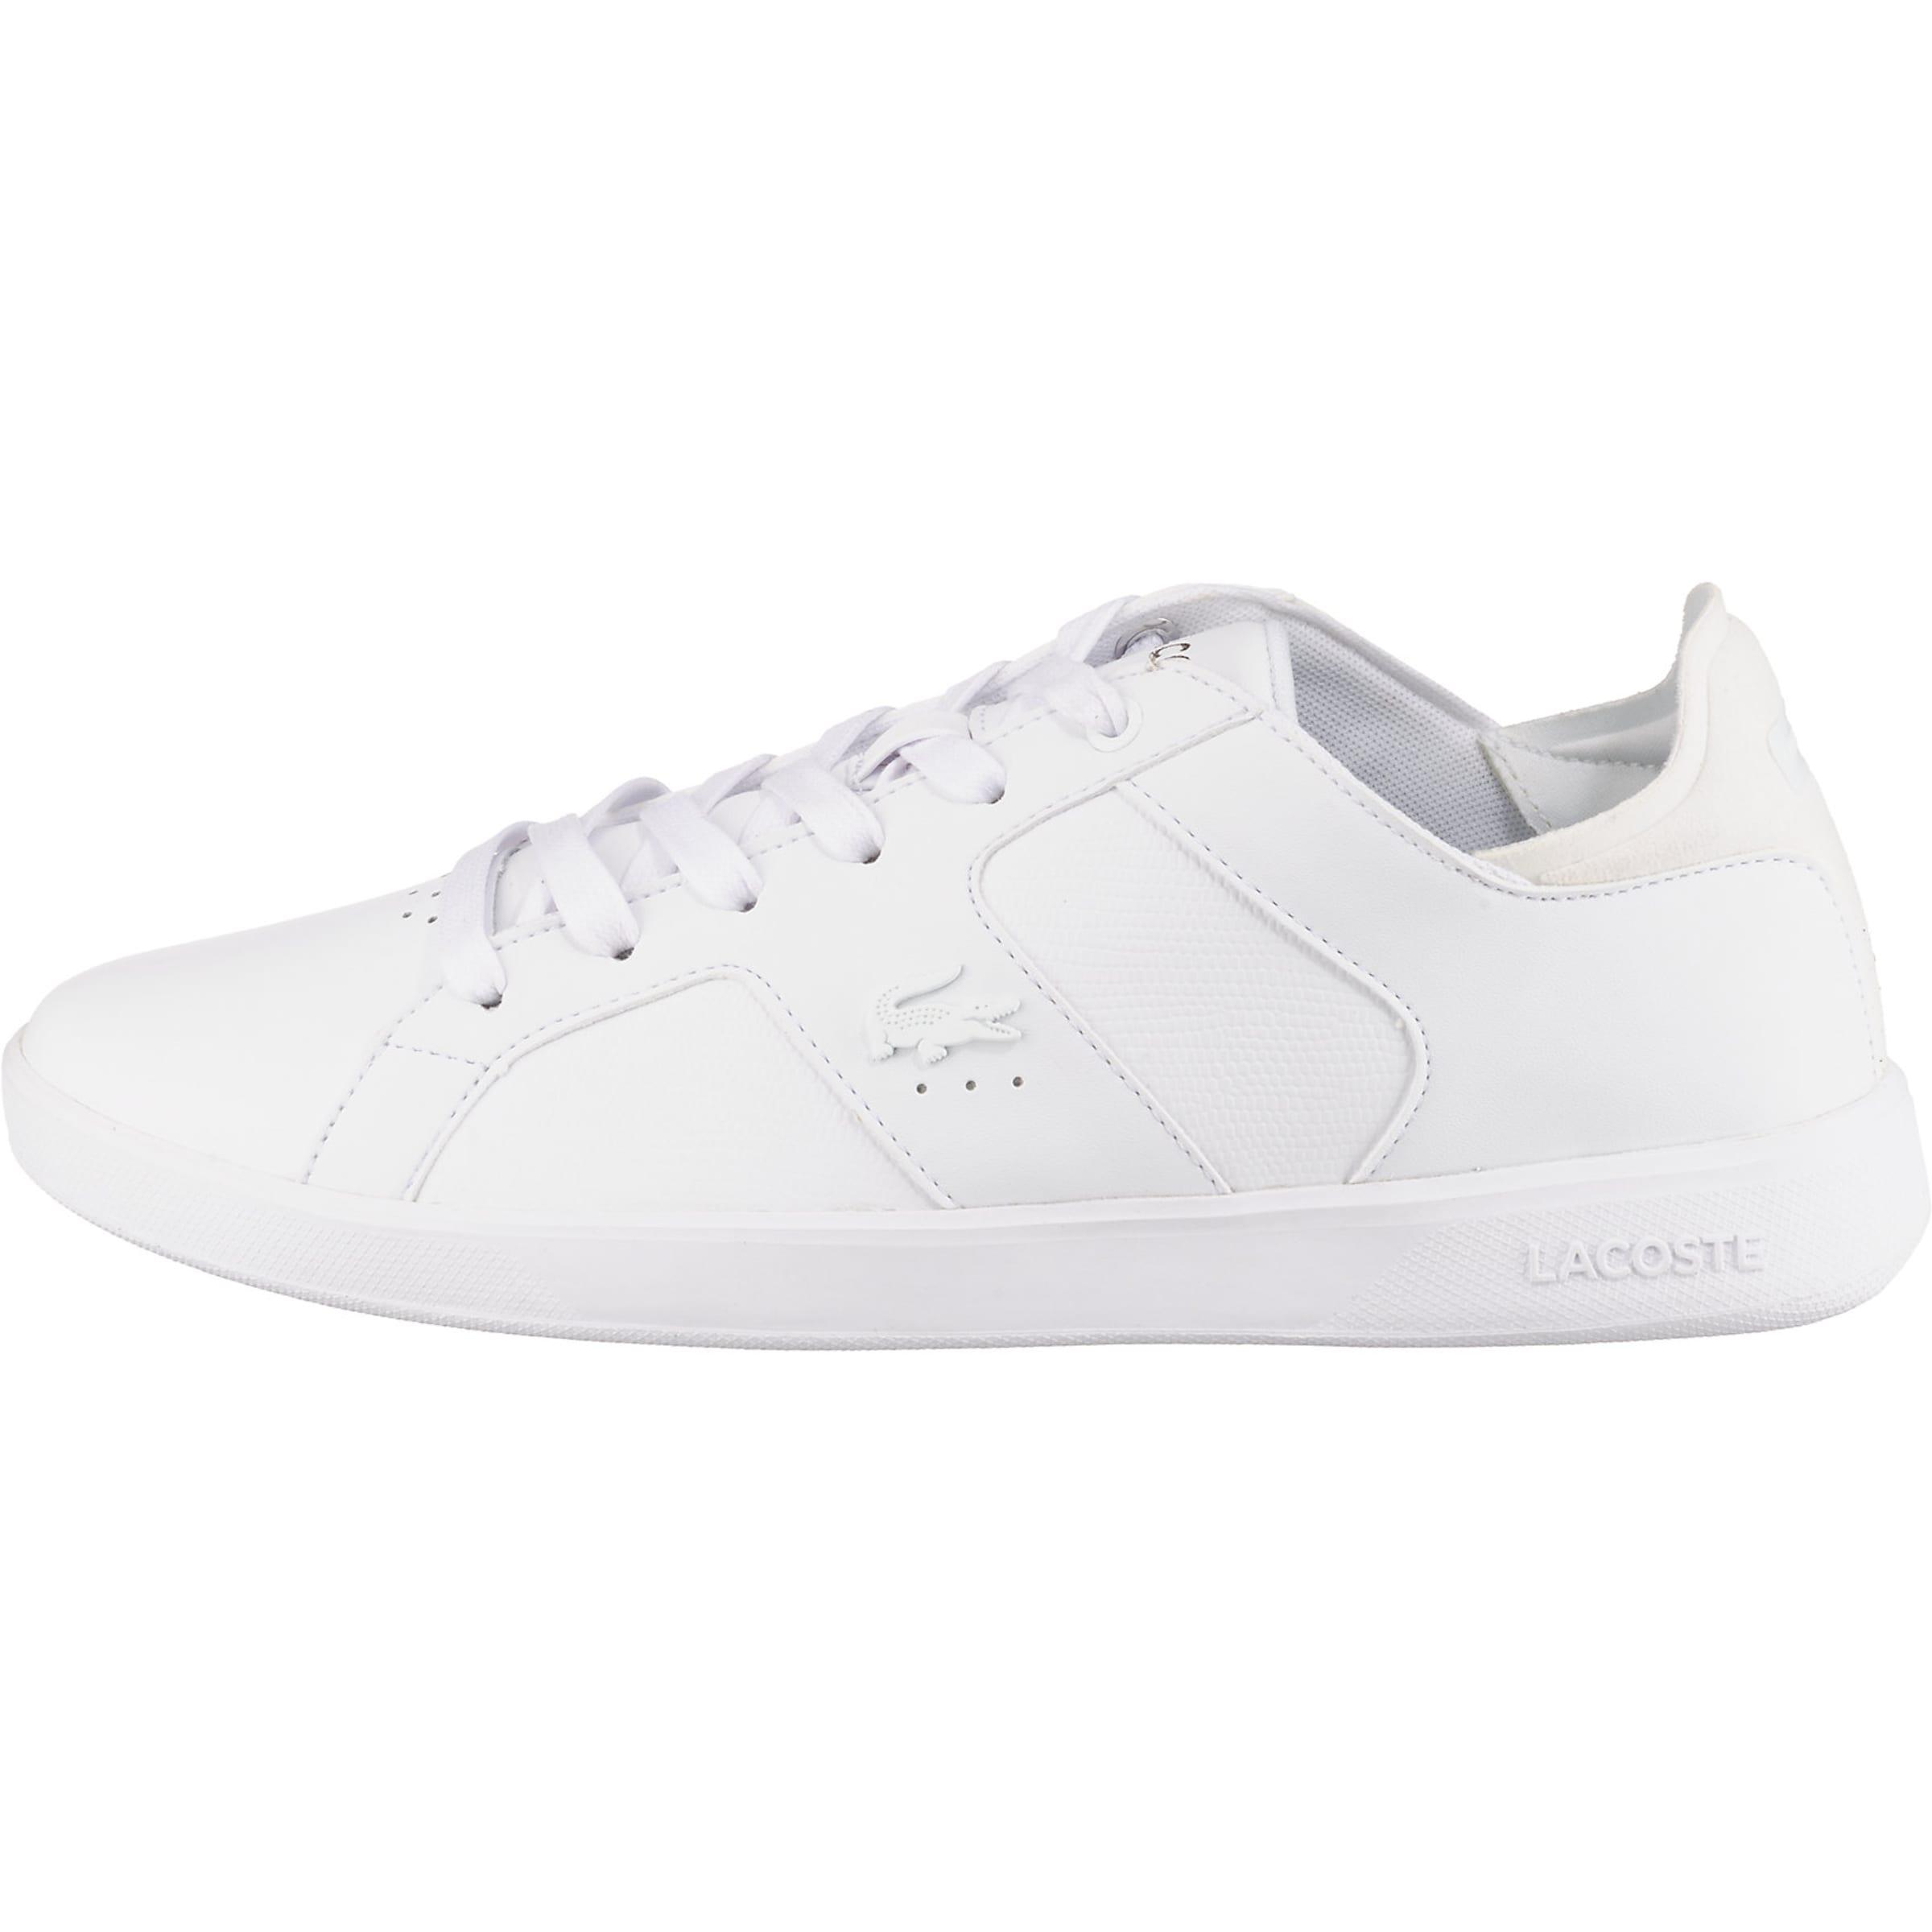 Lacoste Sneaker 'novas' Sneaker Lacoste Weiß In 'novas' In pzGUqSMV